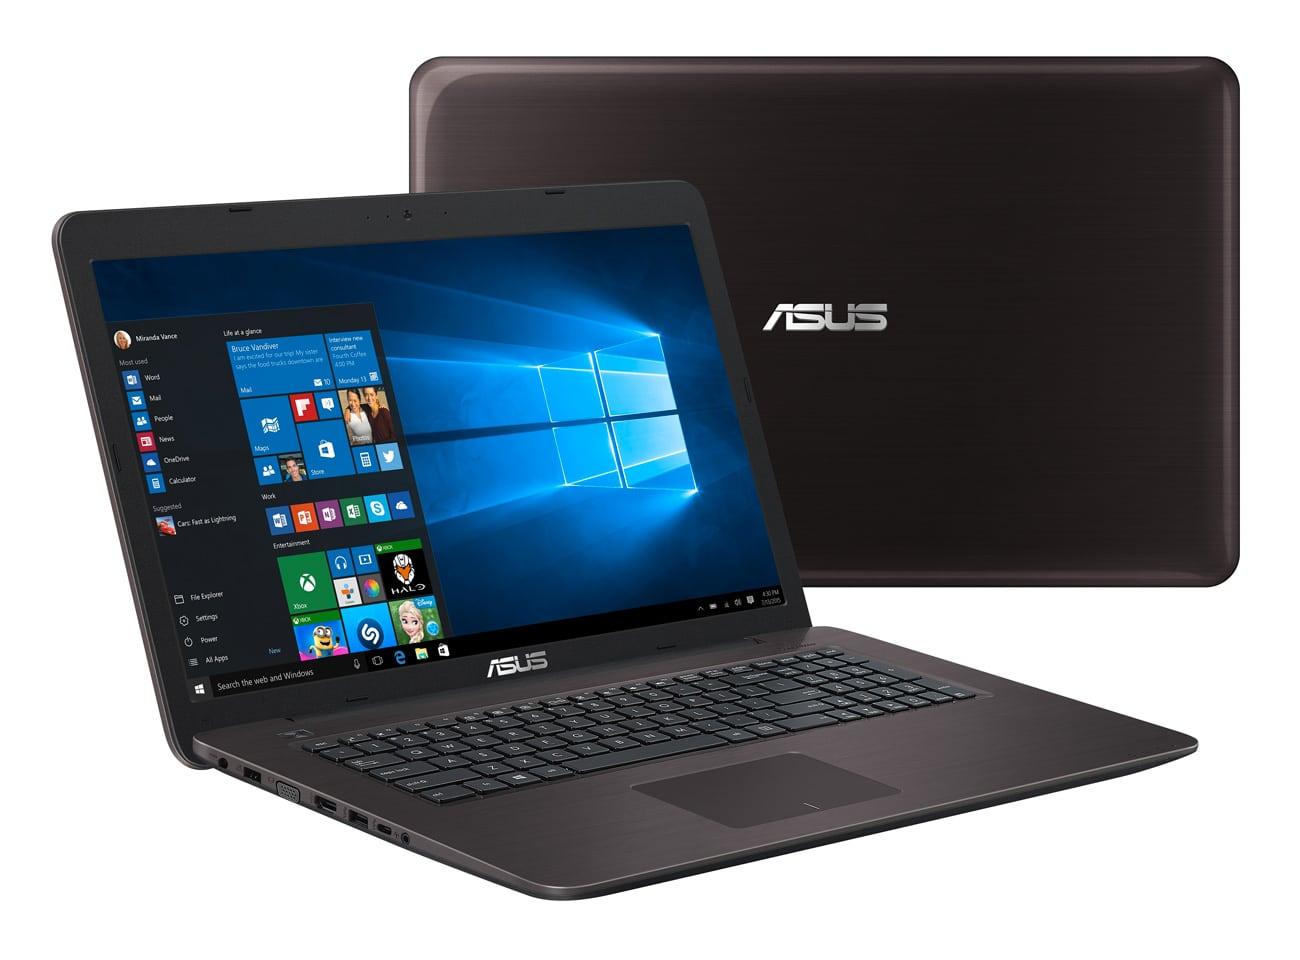 Asus K756UV-TY154T à 649€, PC portable 17 pouces marron SSD Core i5